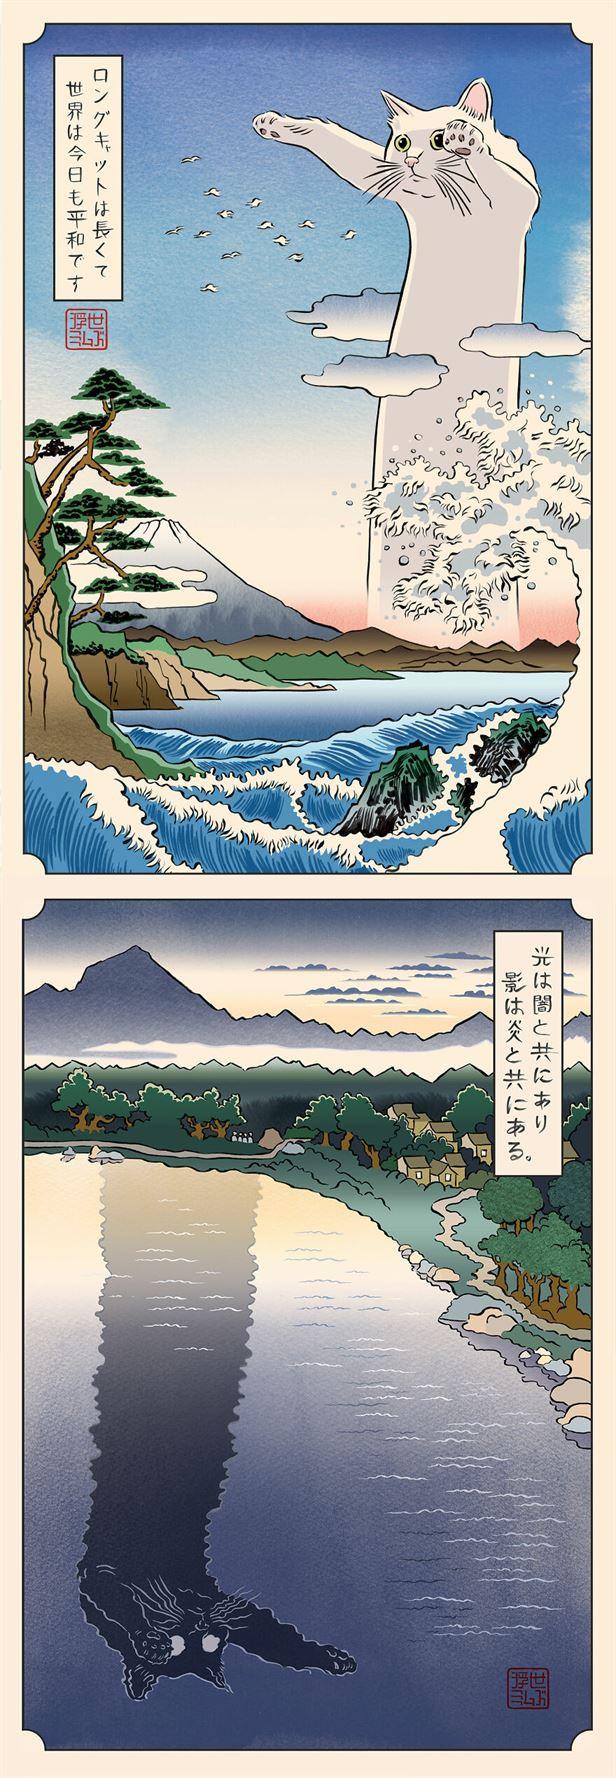 Мемы в стиле древних японских гравюр (13 фото)